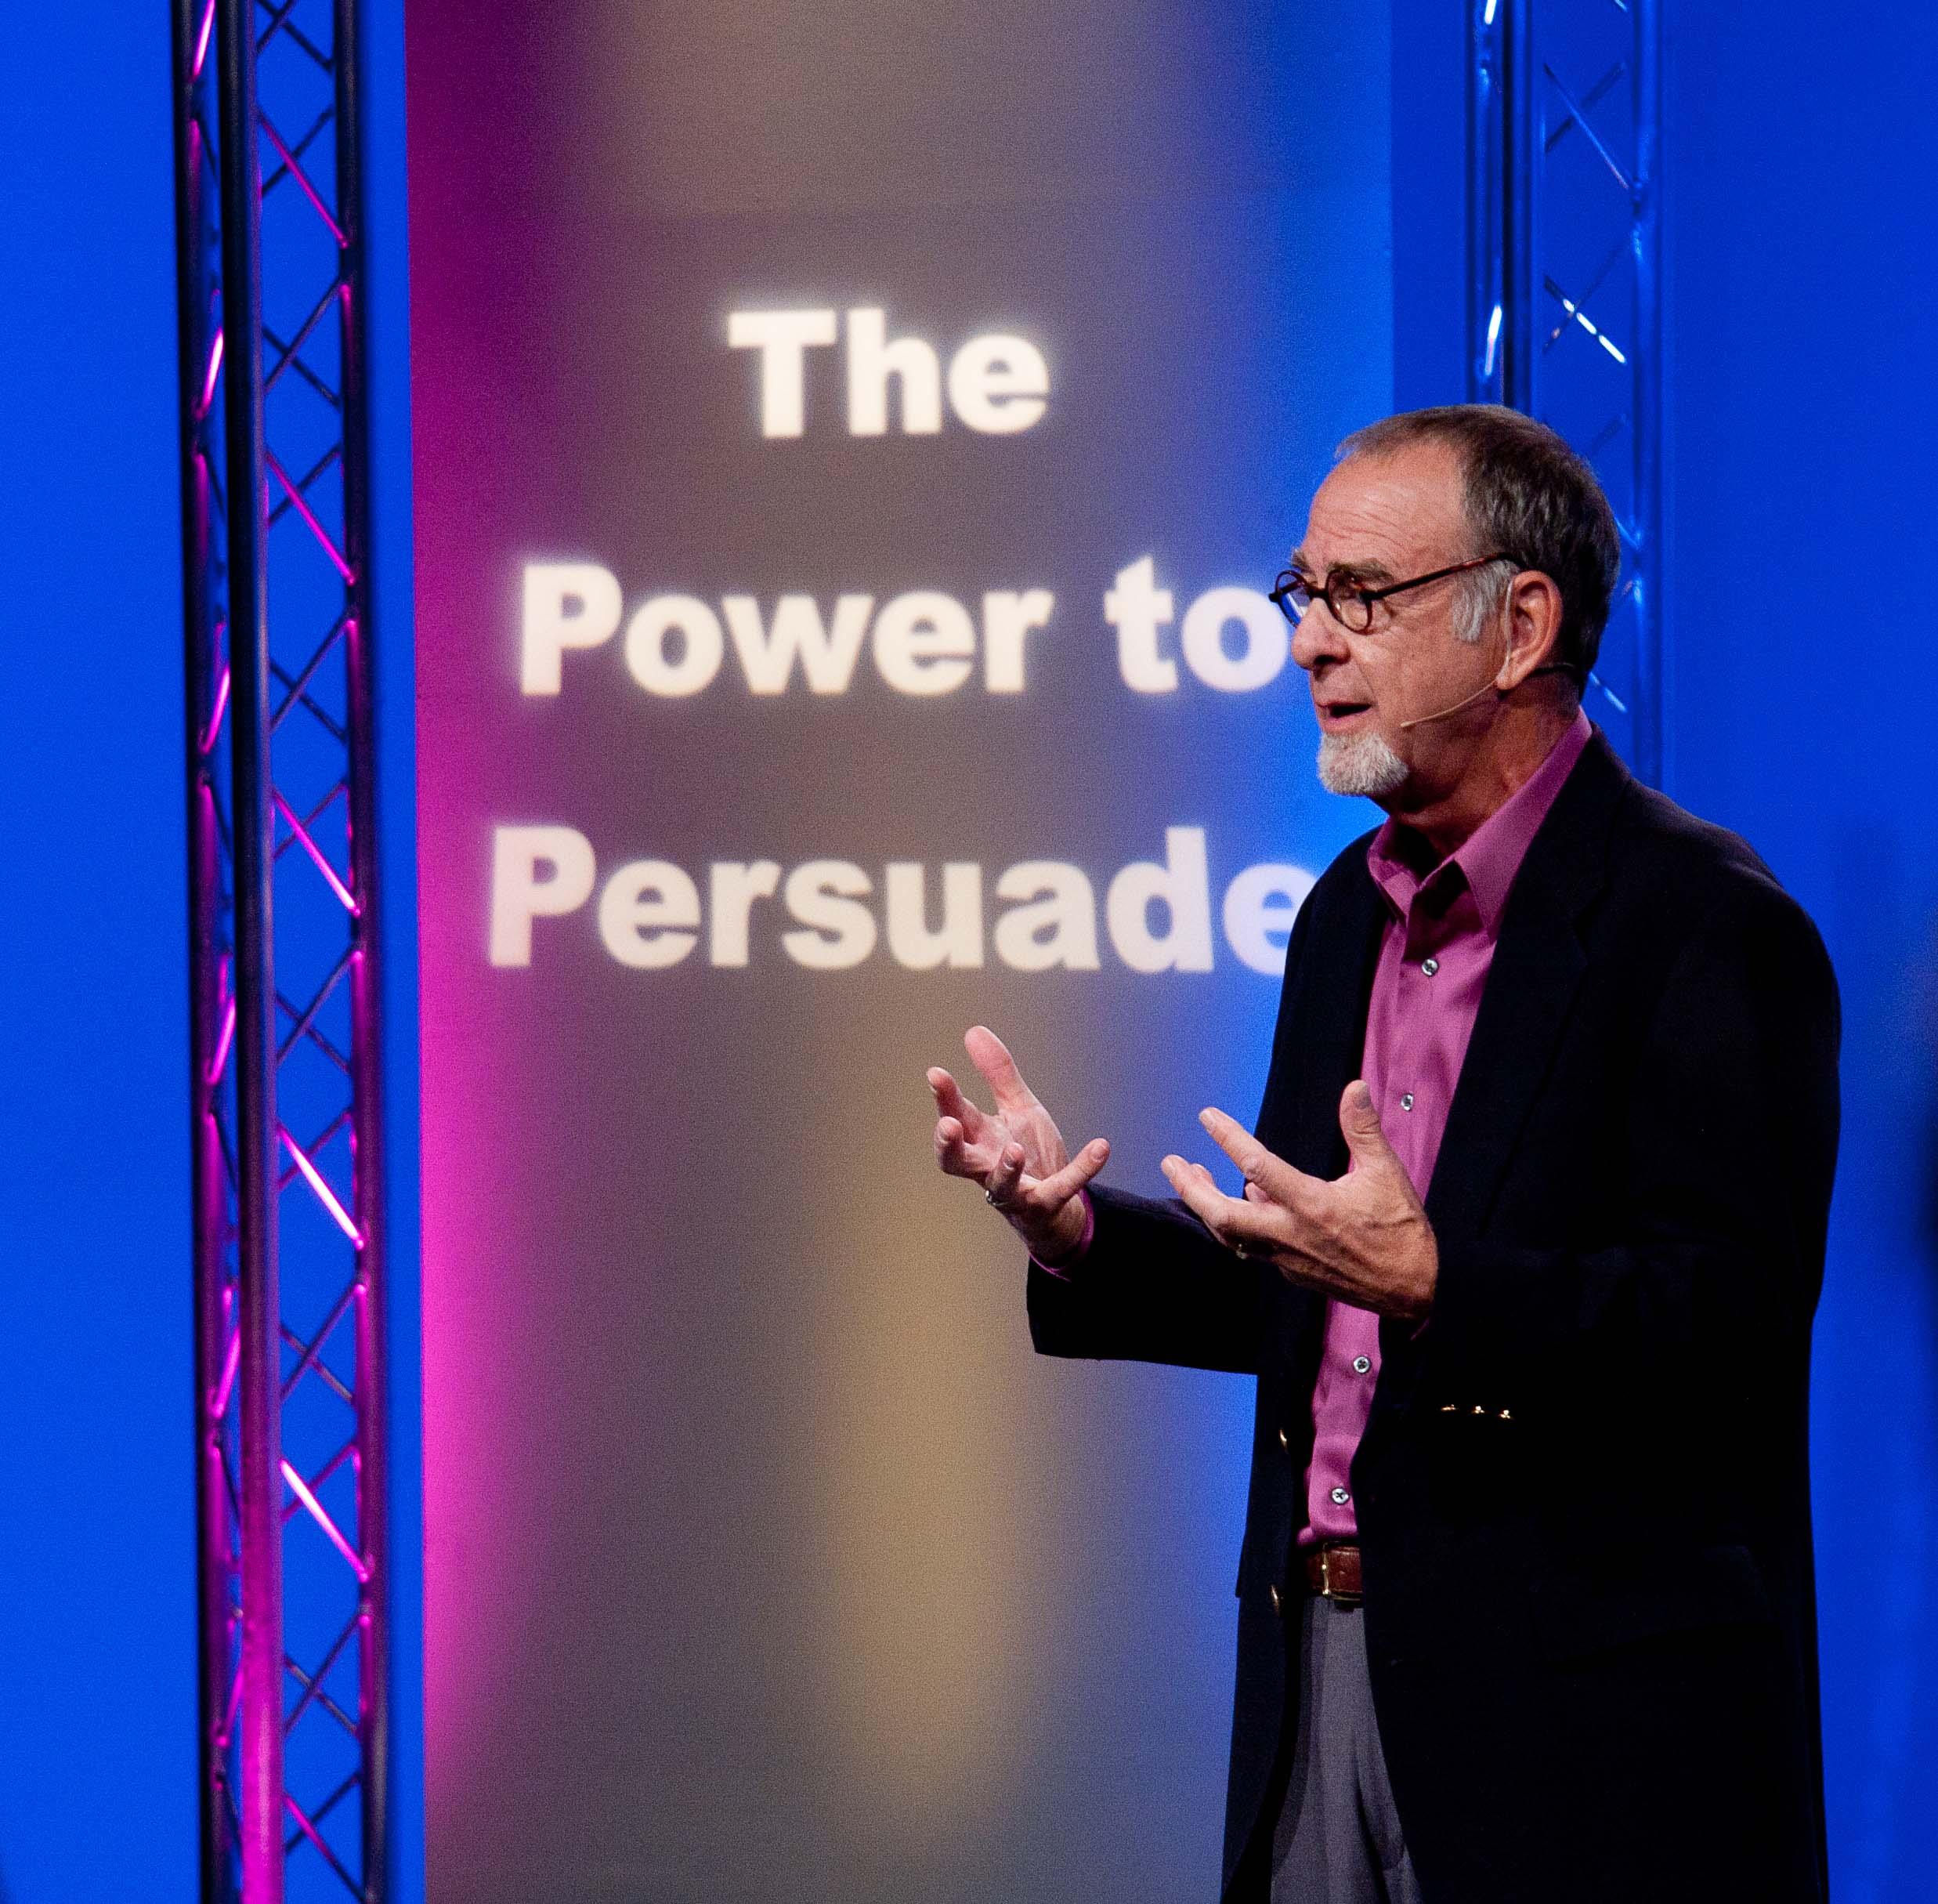 Doug Stevenson - The Power to Persuade